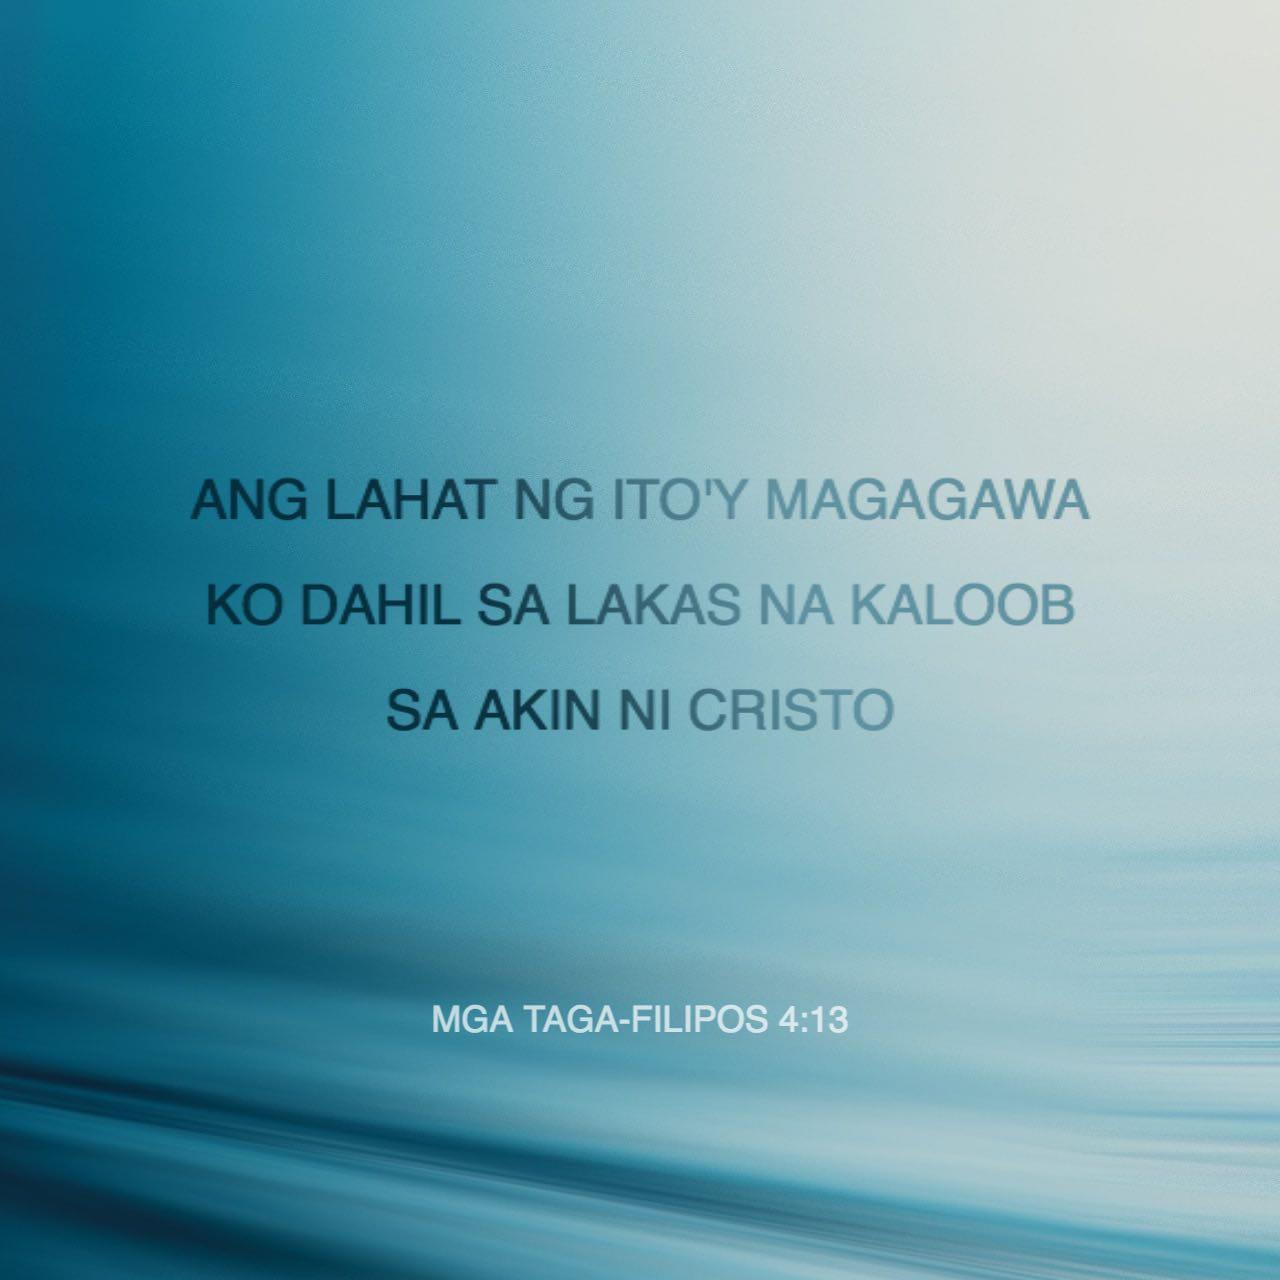 Mga Taga-Filipos 4:13 Ang lahat ng ito'y magagawa ko dahil